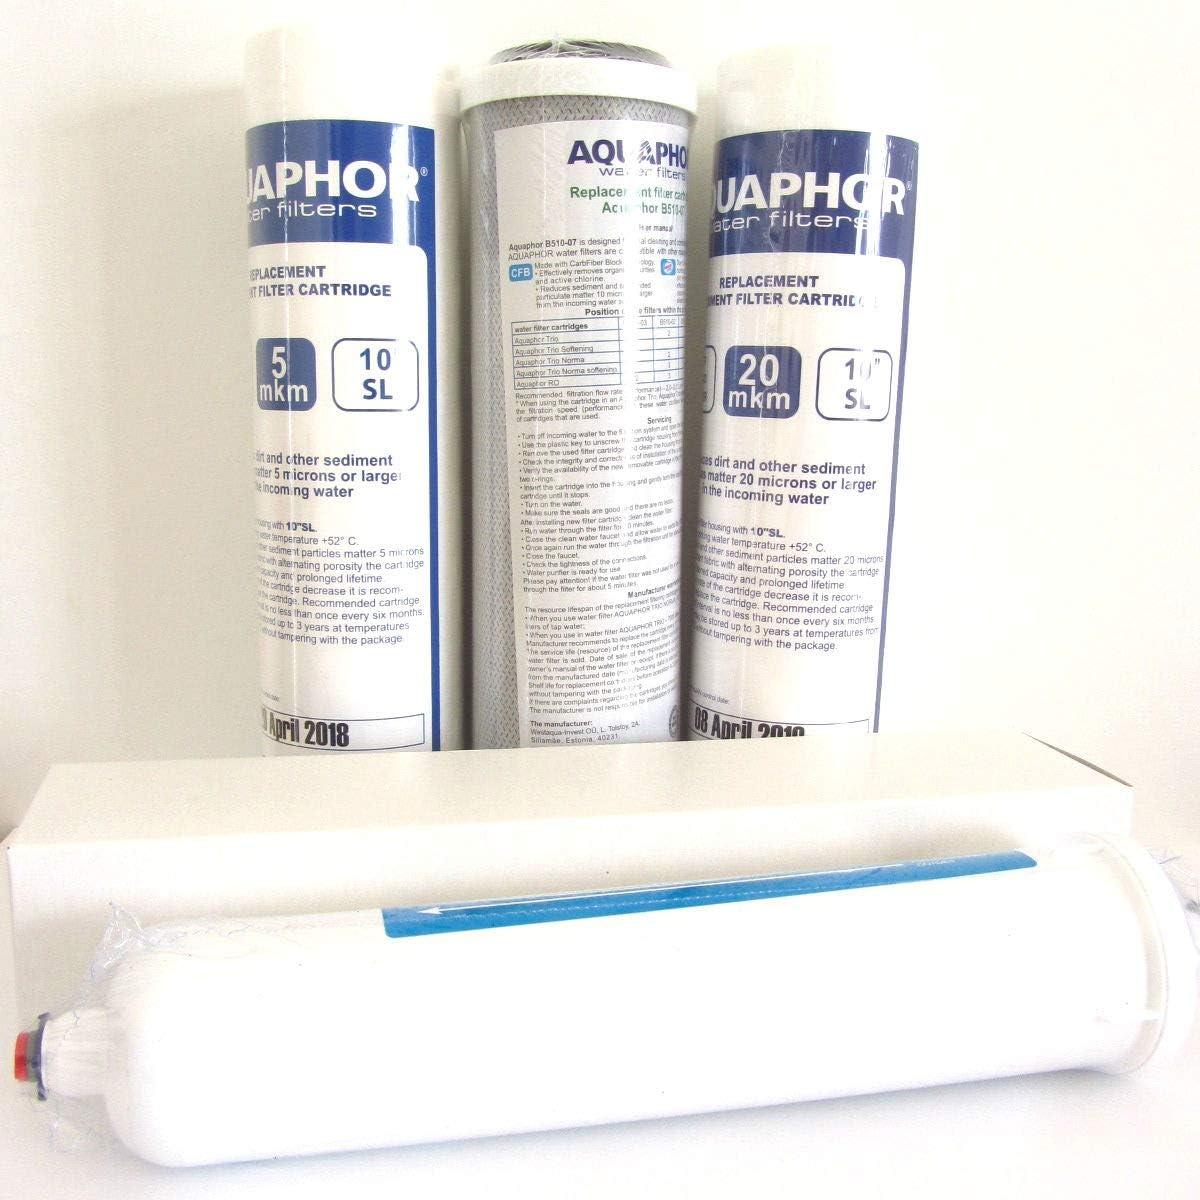 FILTRI di ricambio 10 pollici osmosi inversa per 6 mesi con filtro dopo FILTRI DI RICAMBIO